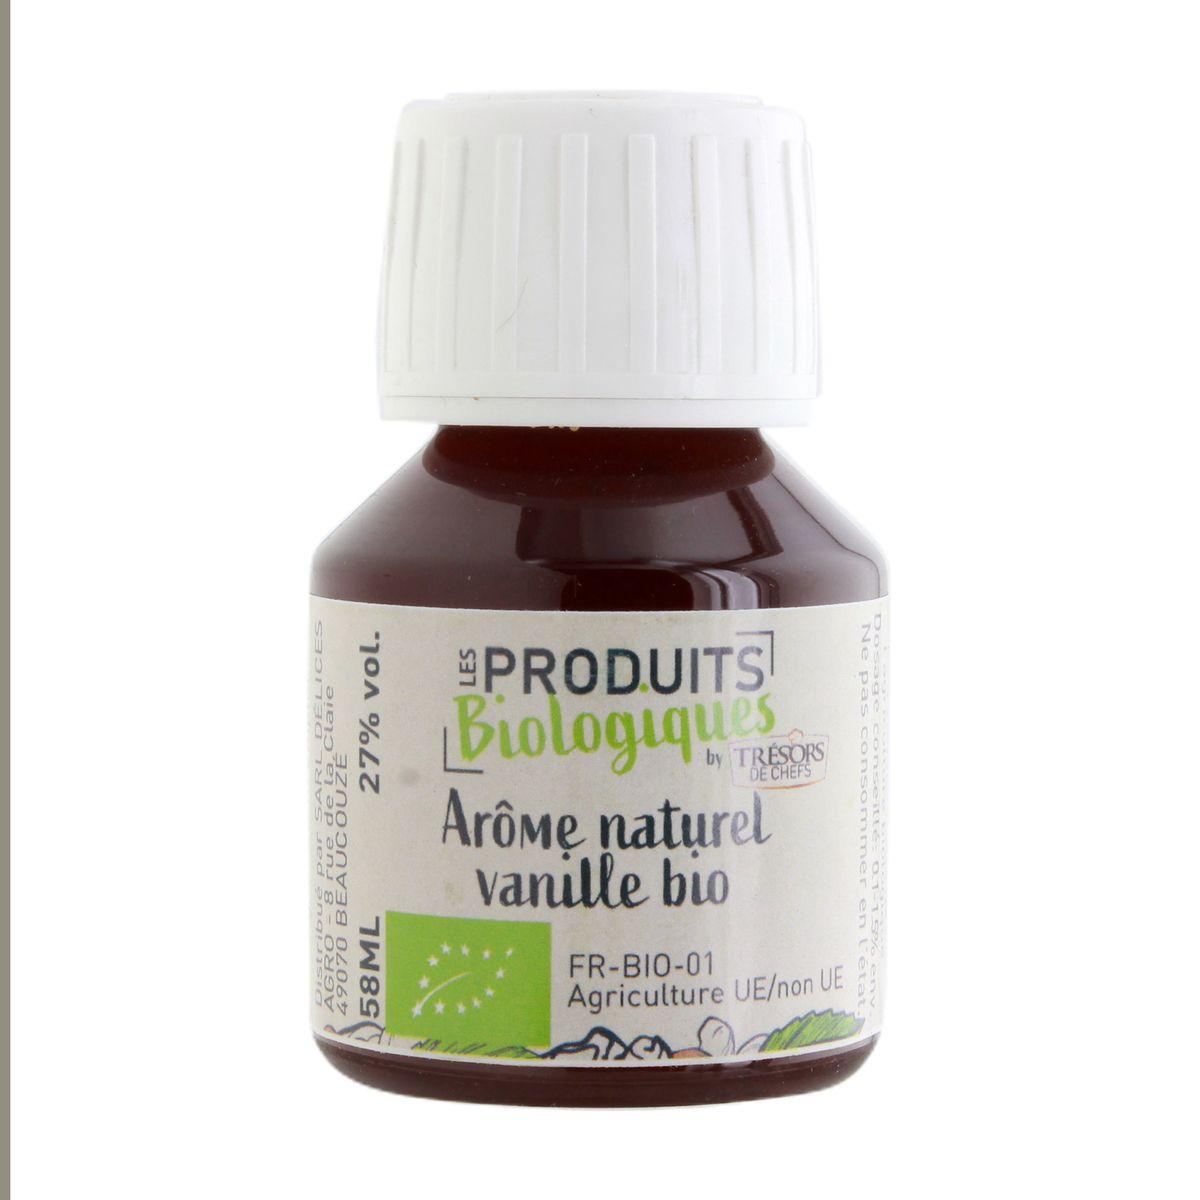 Arôme alimentaire bio vanille 58 ml - Trésors de Chefs